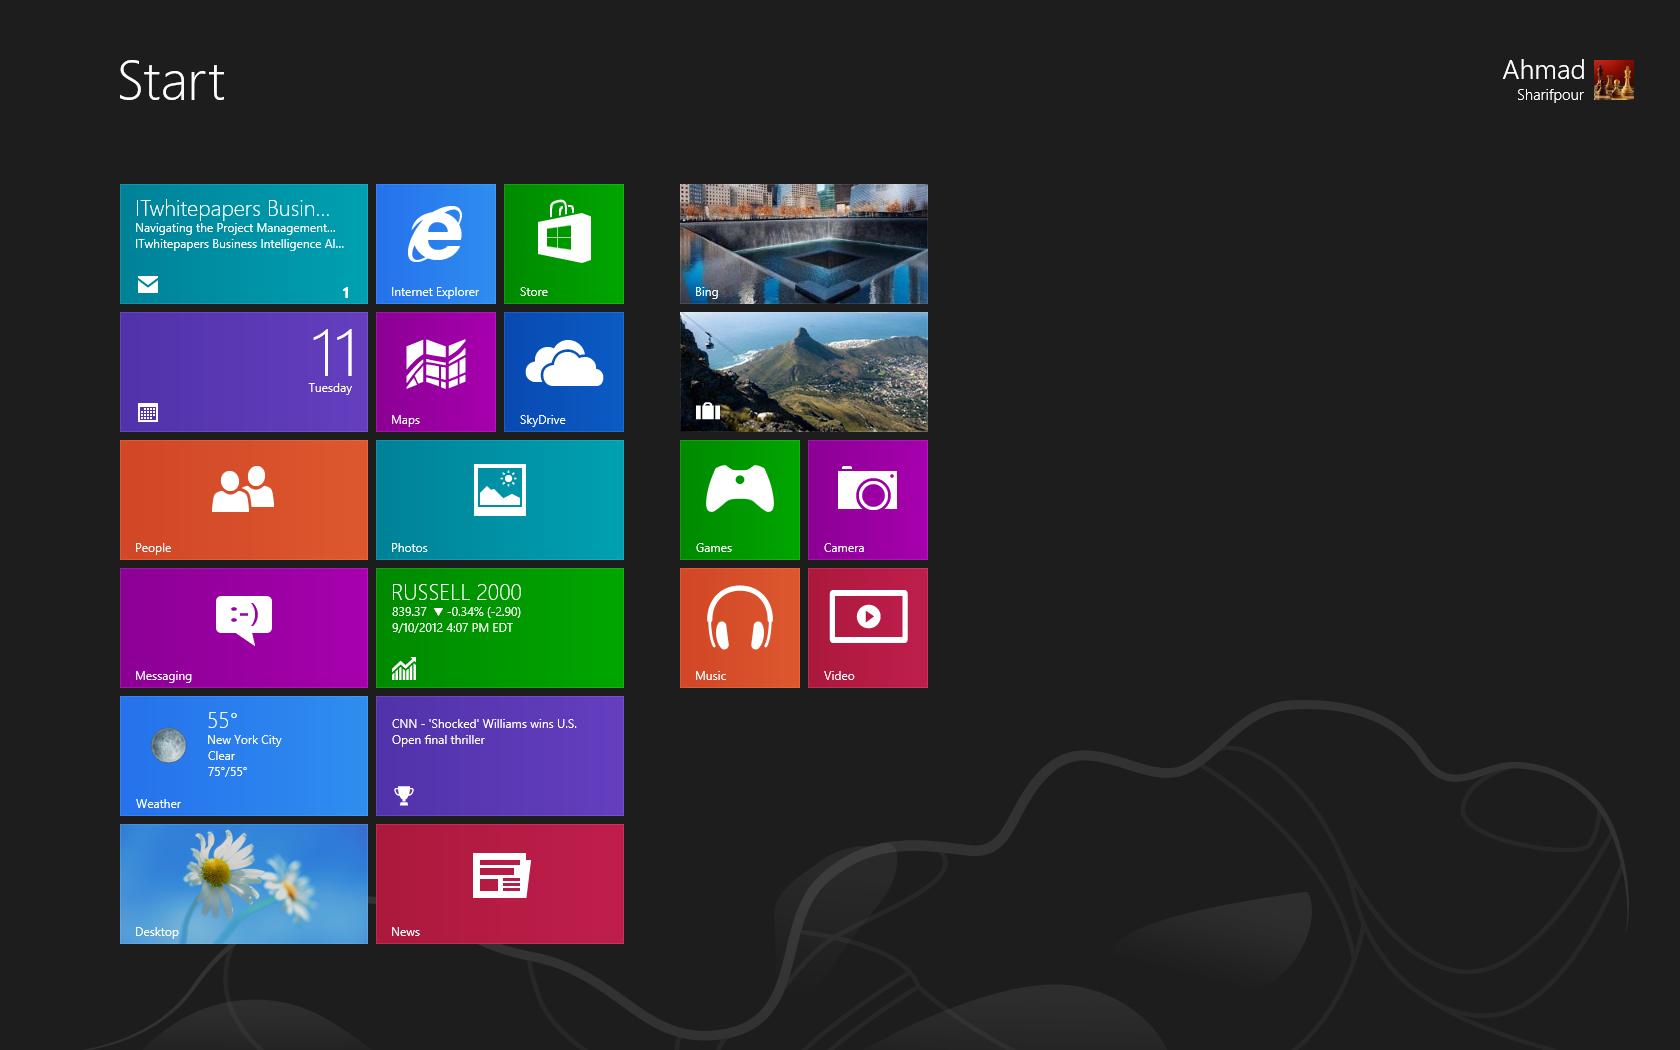 پنجره هشتم، بررسی ویندوز 8 مایکروسافت : نصب